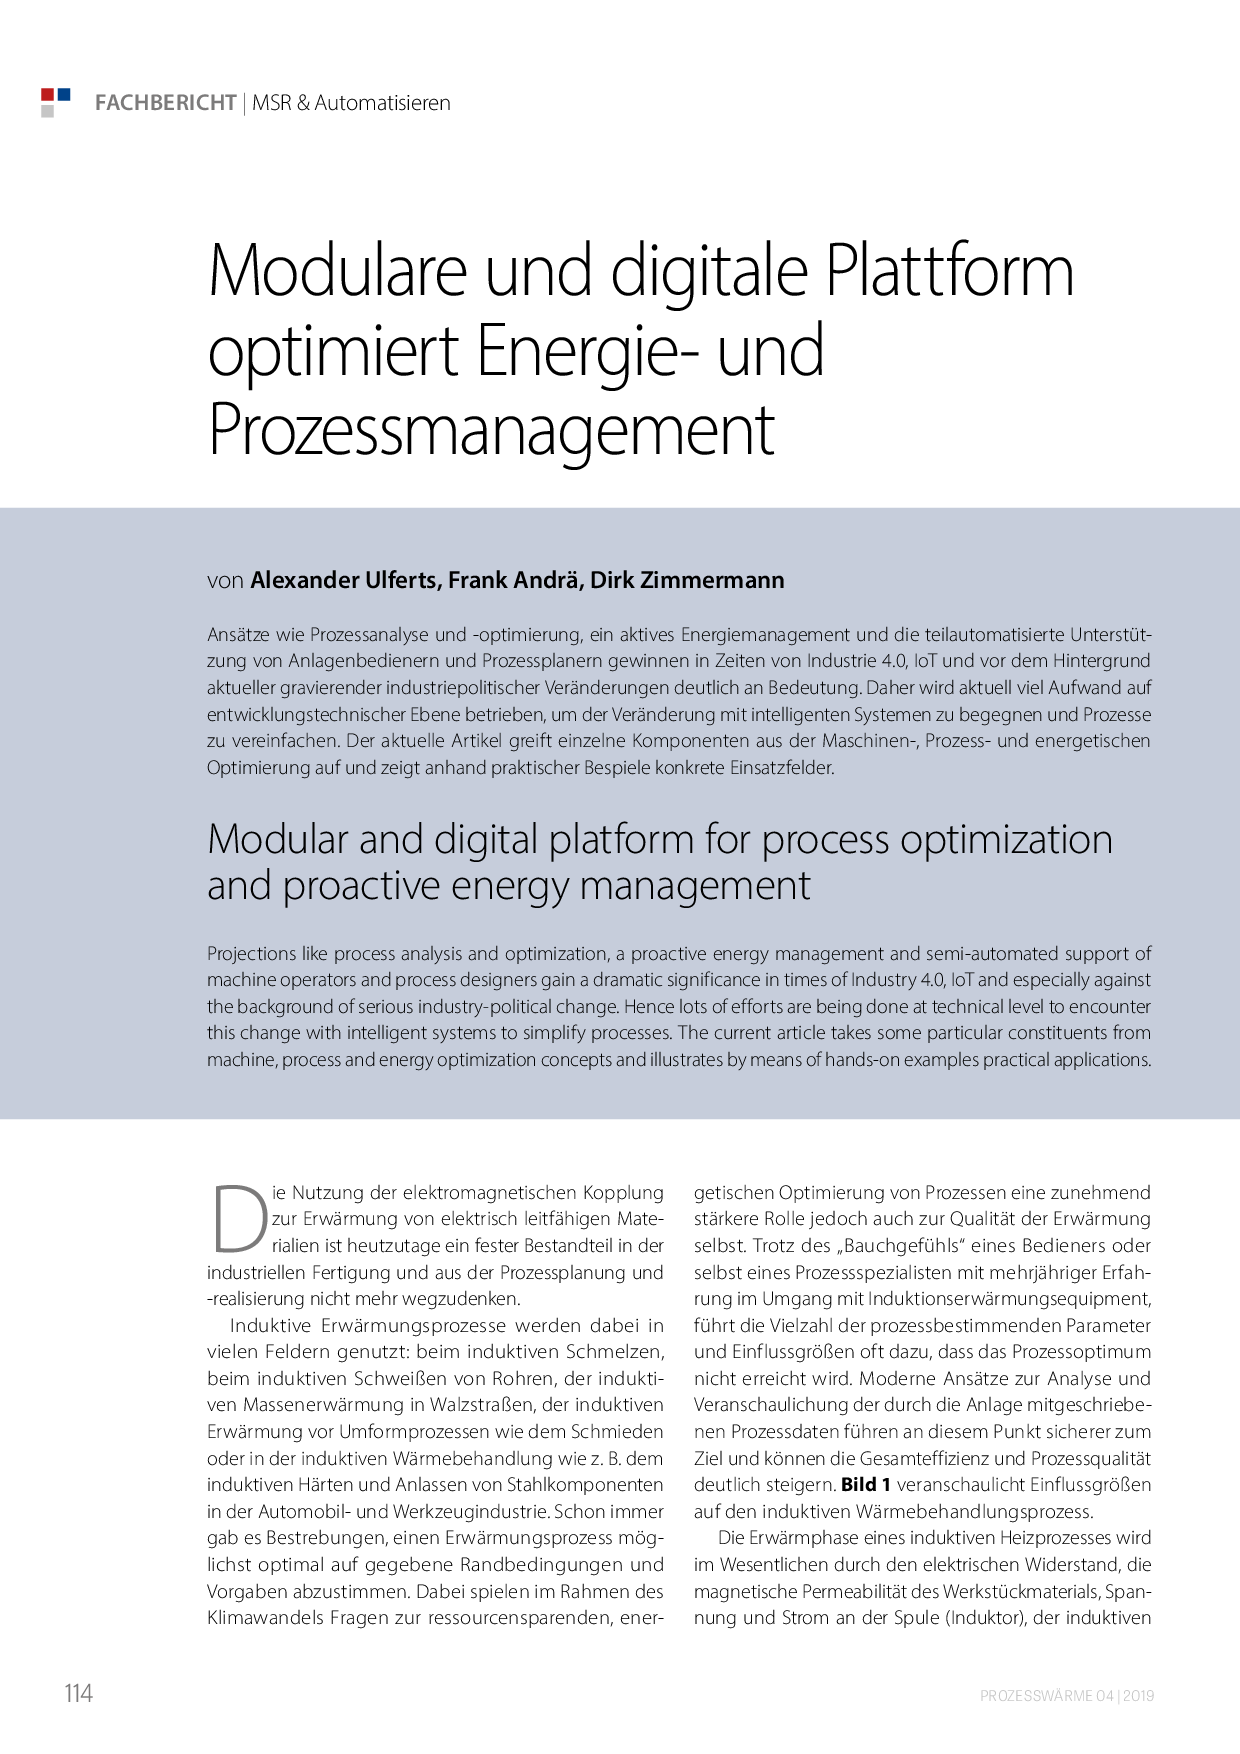 Modulare und digitale Plattform optimiert Energie- und Prozessmanagement